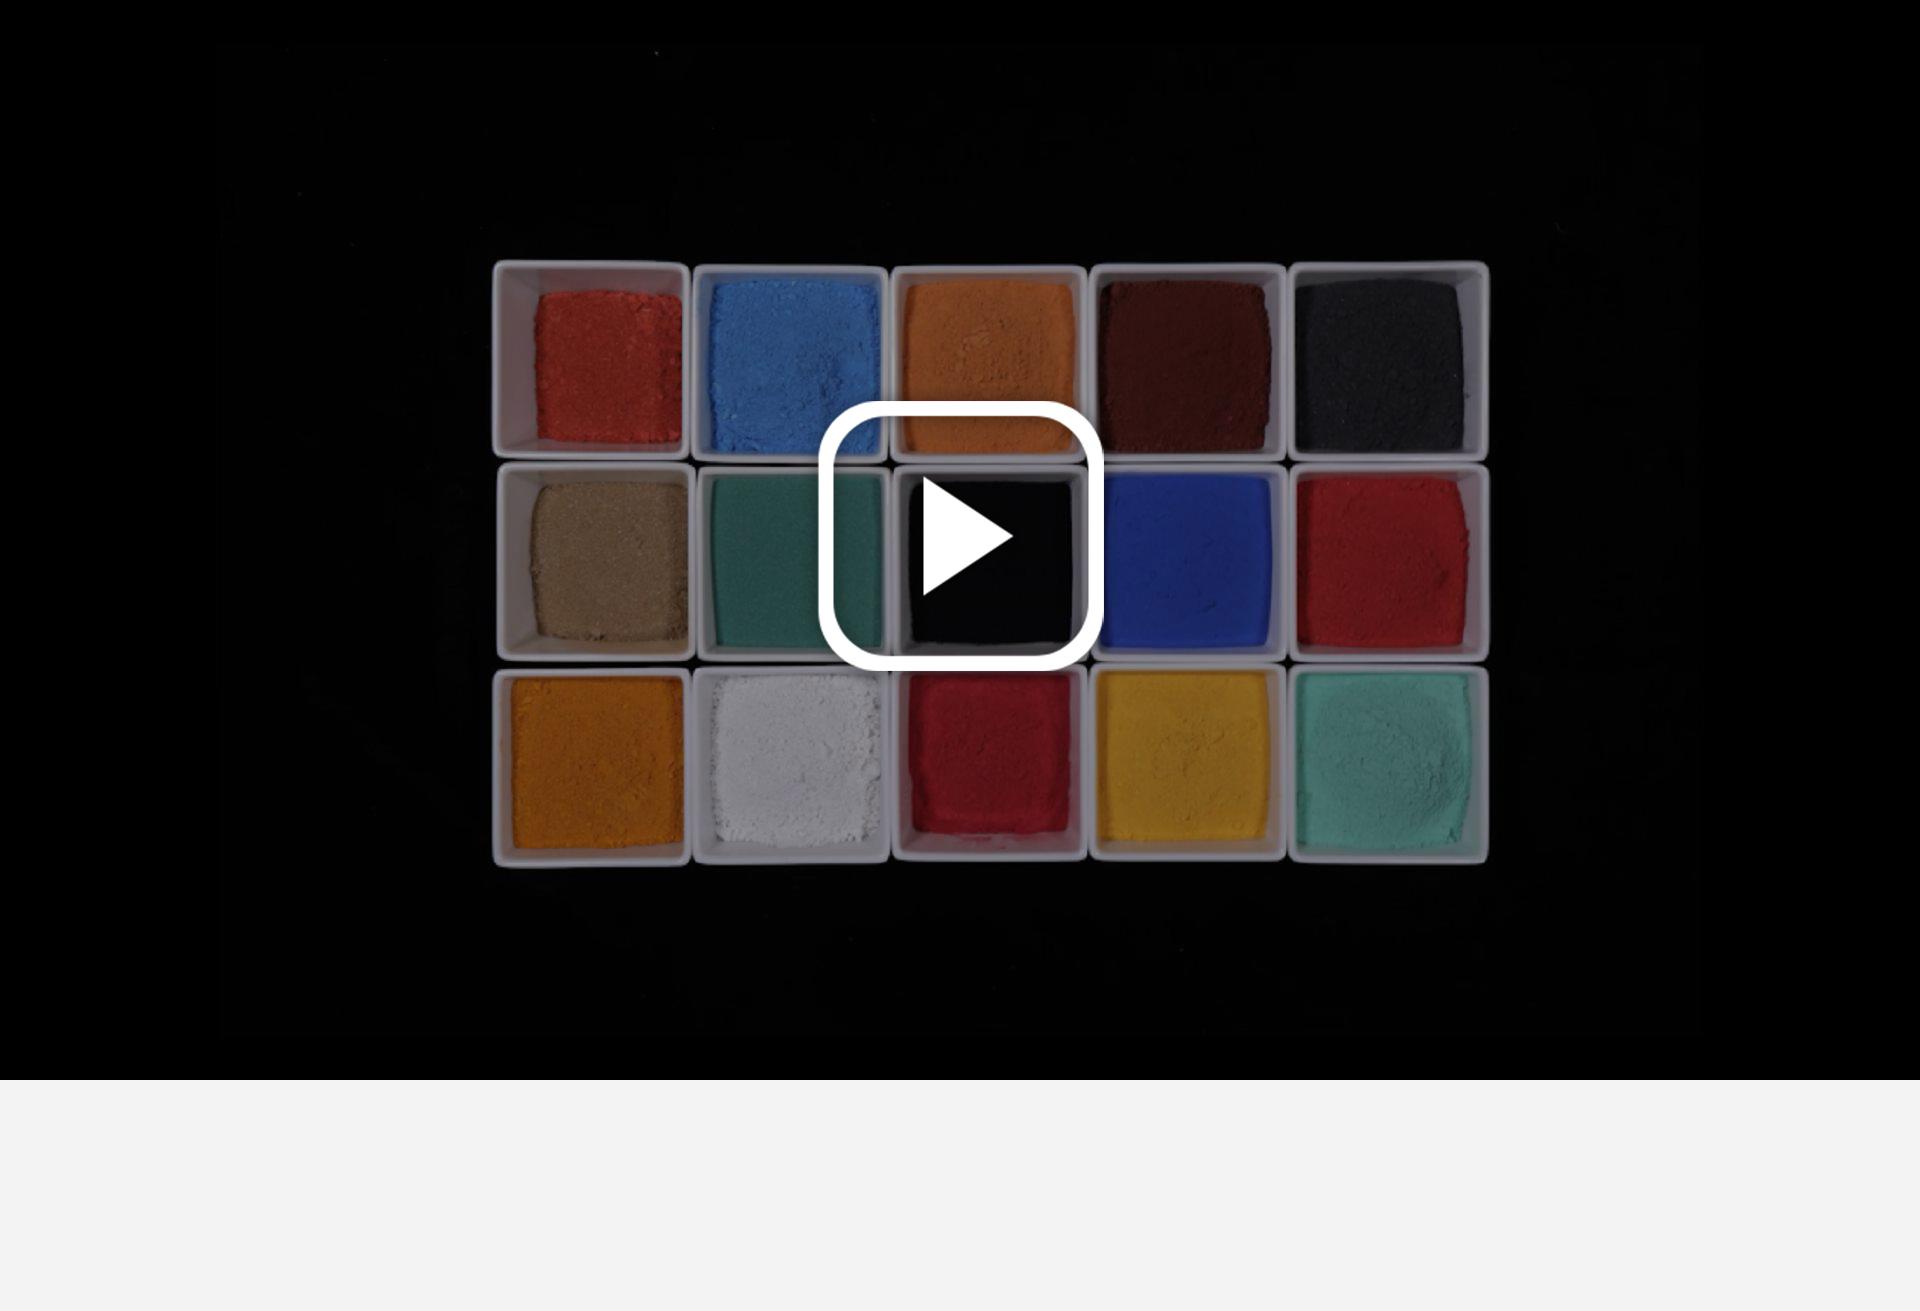 礦物顏料紀錄片